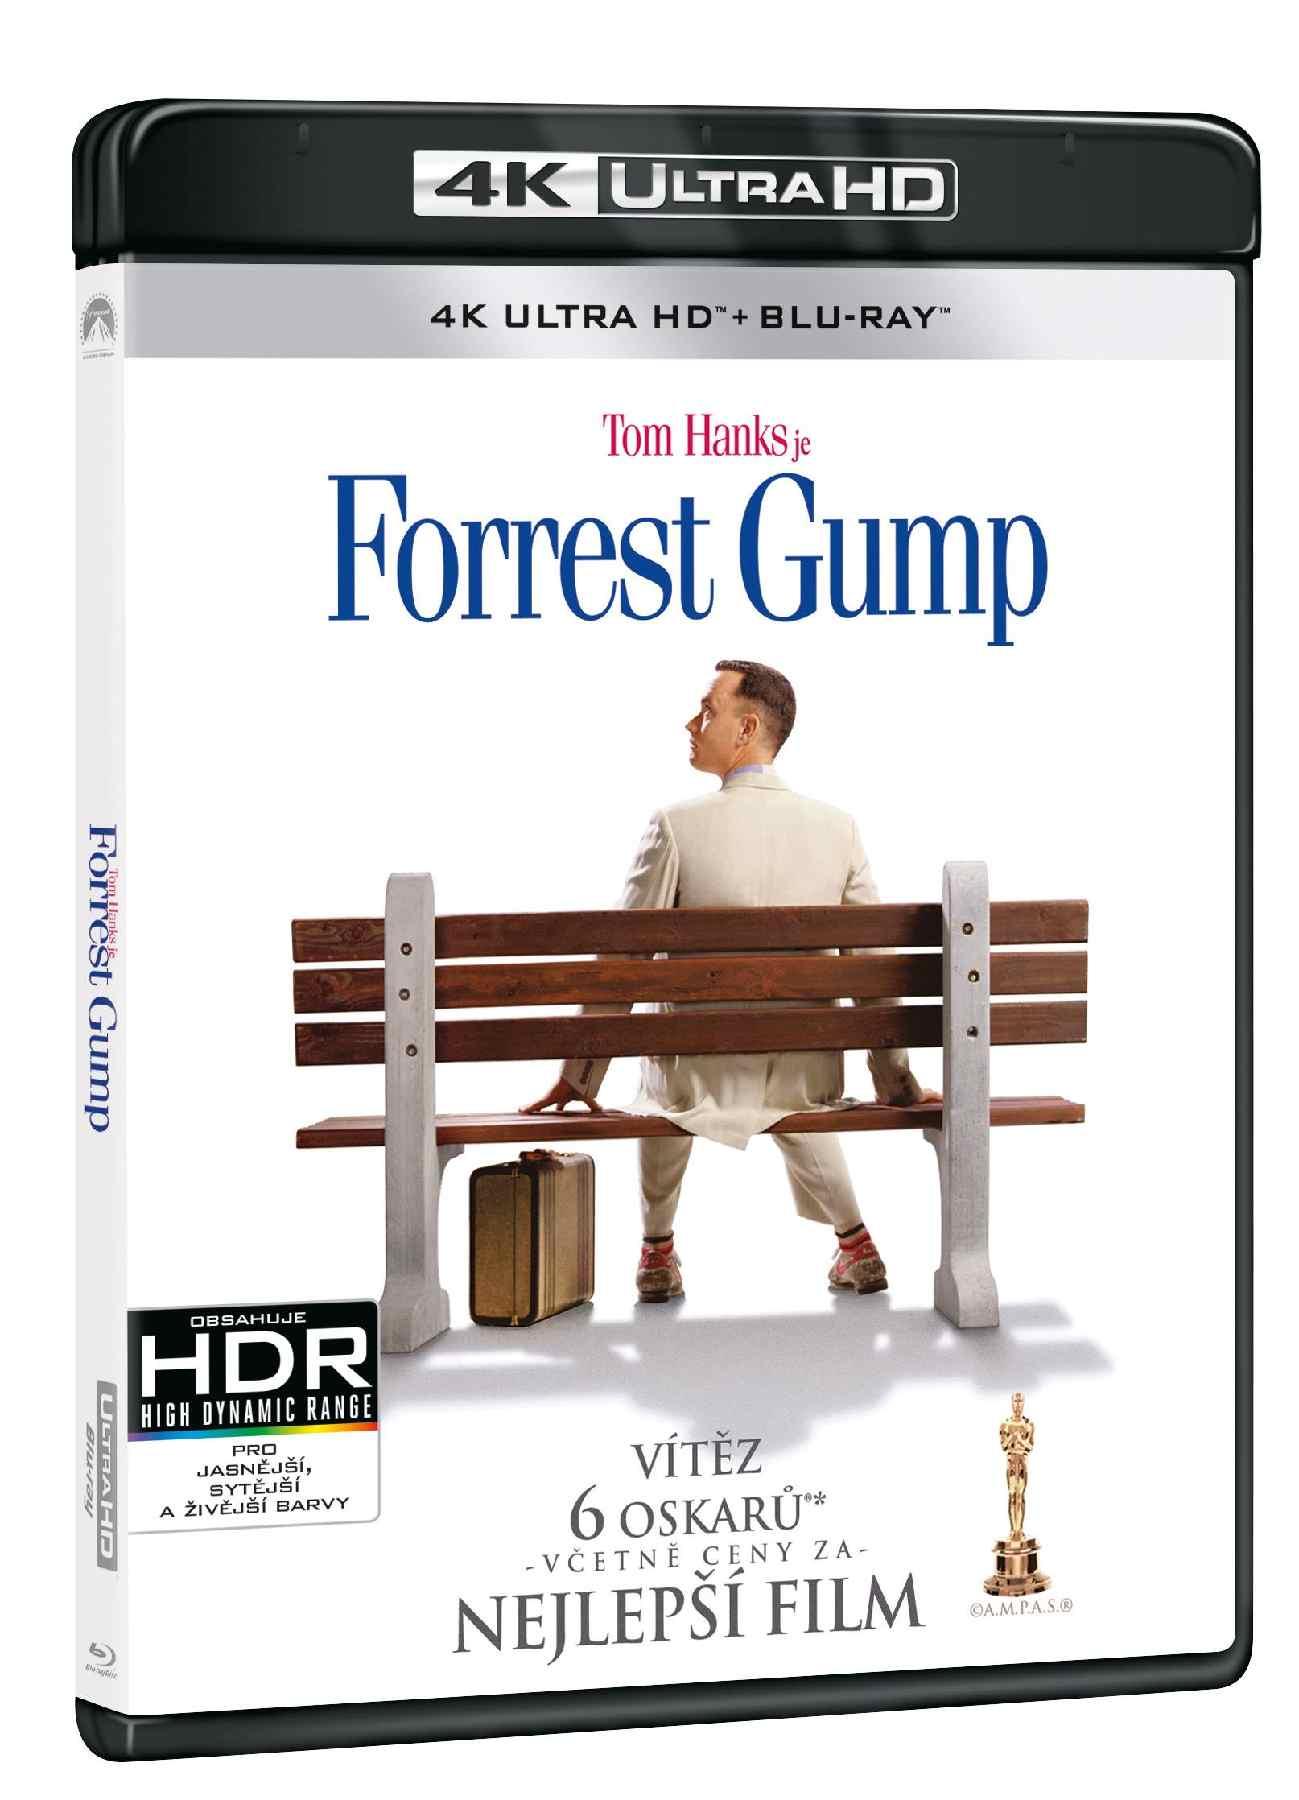 Forrest Gump (4K ULTRA HD) - UHD Blu-ray + Blu-ray (2 BD)